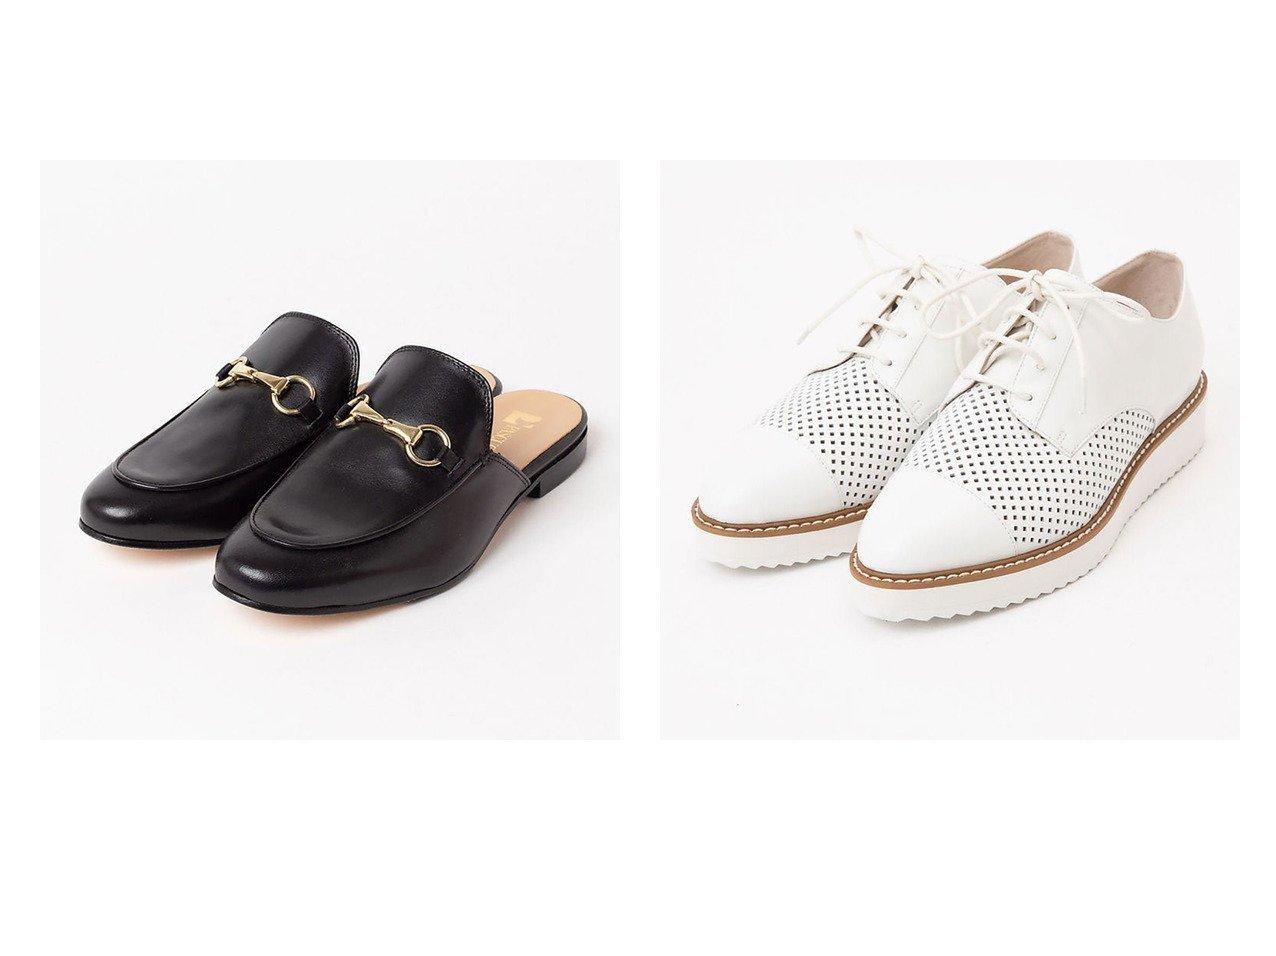 【Piche Abahouse/ピシェ アバハウス】のパンチング レースアップシューズ&【PASCUCCI】レザービットミュール シューズ・靴のおすすめ!人気、トレンド・レディースファッションの通販 おすすめで人気の流行・トレンド、ファッションの通販商品 メンズファッション・キッズファッション・インテリア・家具・レディースファッション・服の通販 founy(ファニー) https://founy.com/ ファッション Fashion レディースファッション WOMEN S/S 春夏 SS Spring/Summer 春 Spring 軽量 イタリア エレガント  ID:crp329100000016104